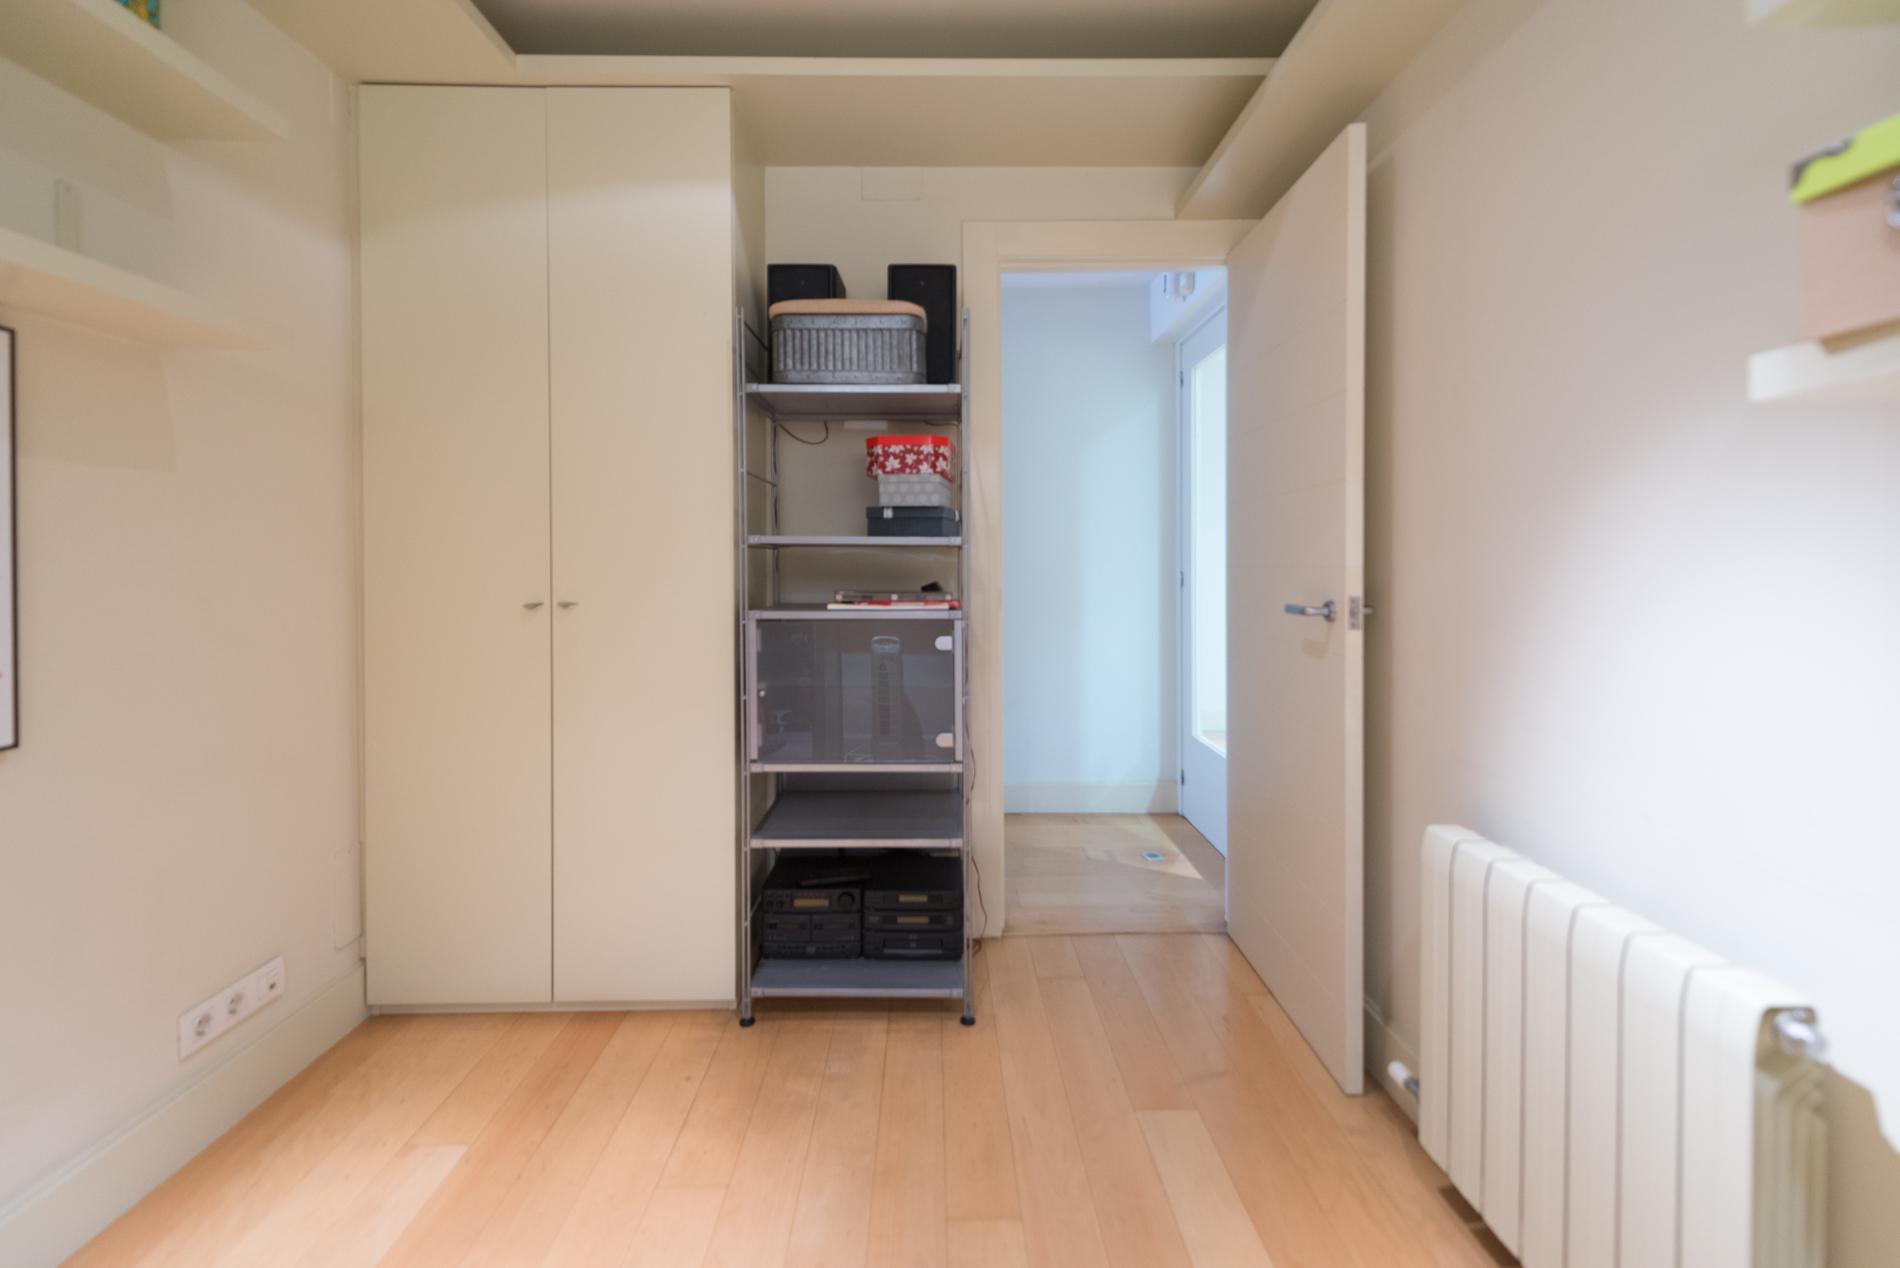 247761 Ground Floor for sale in Sarrià-Sant Gervasi, St. Gervasi-Bonanova 23